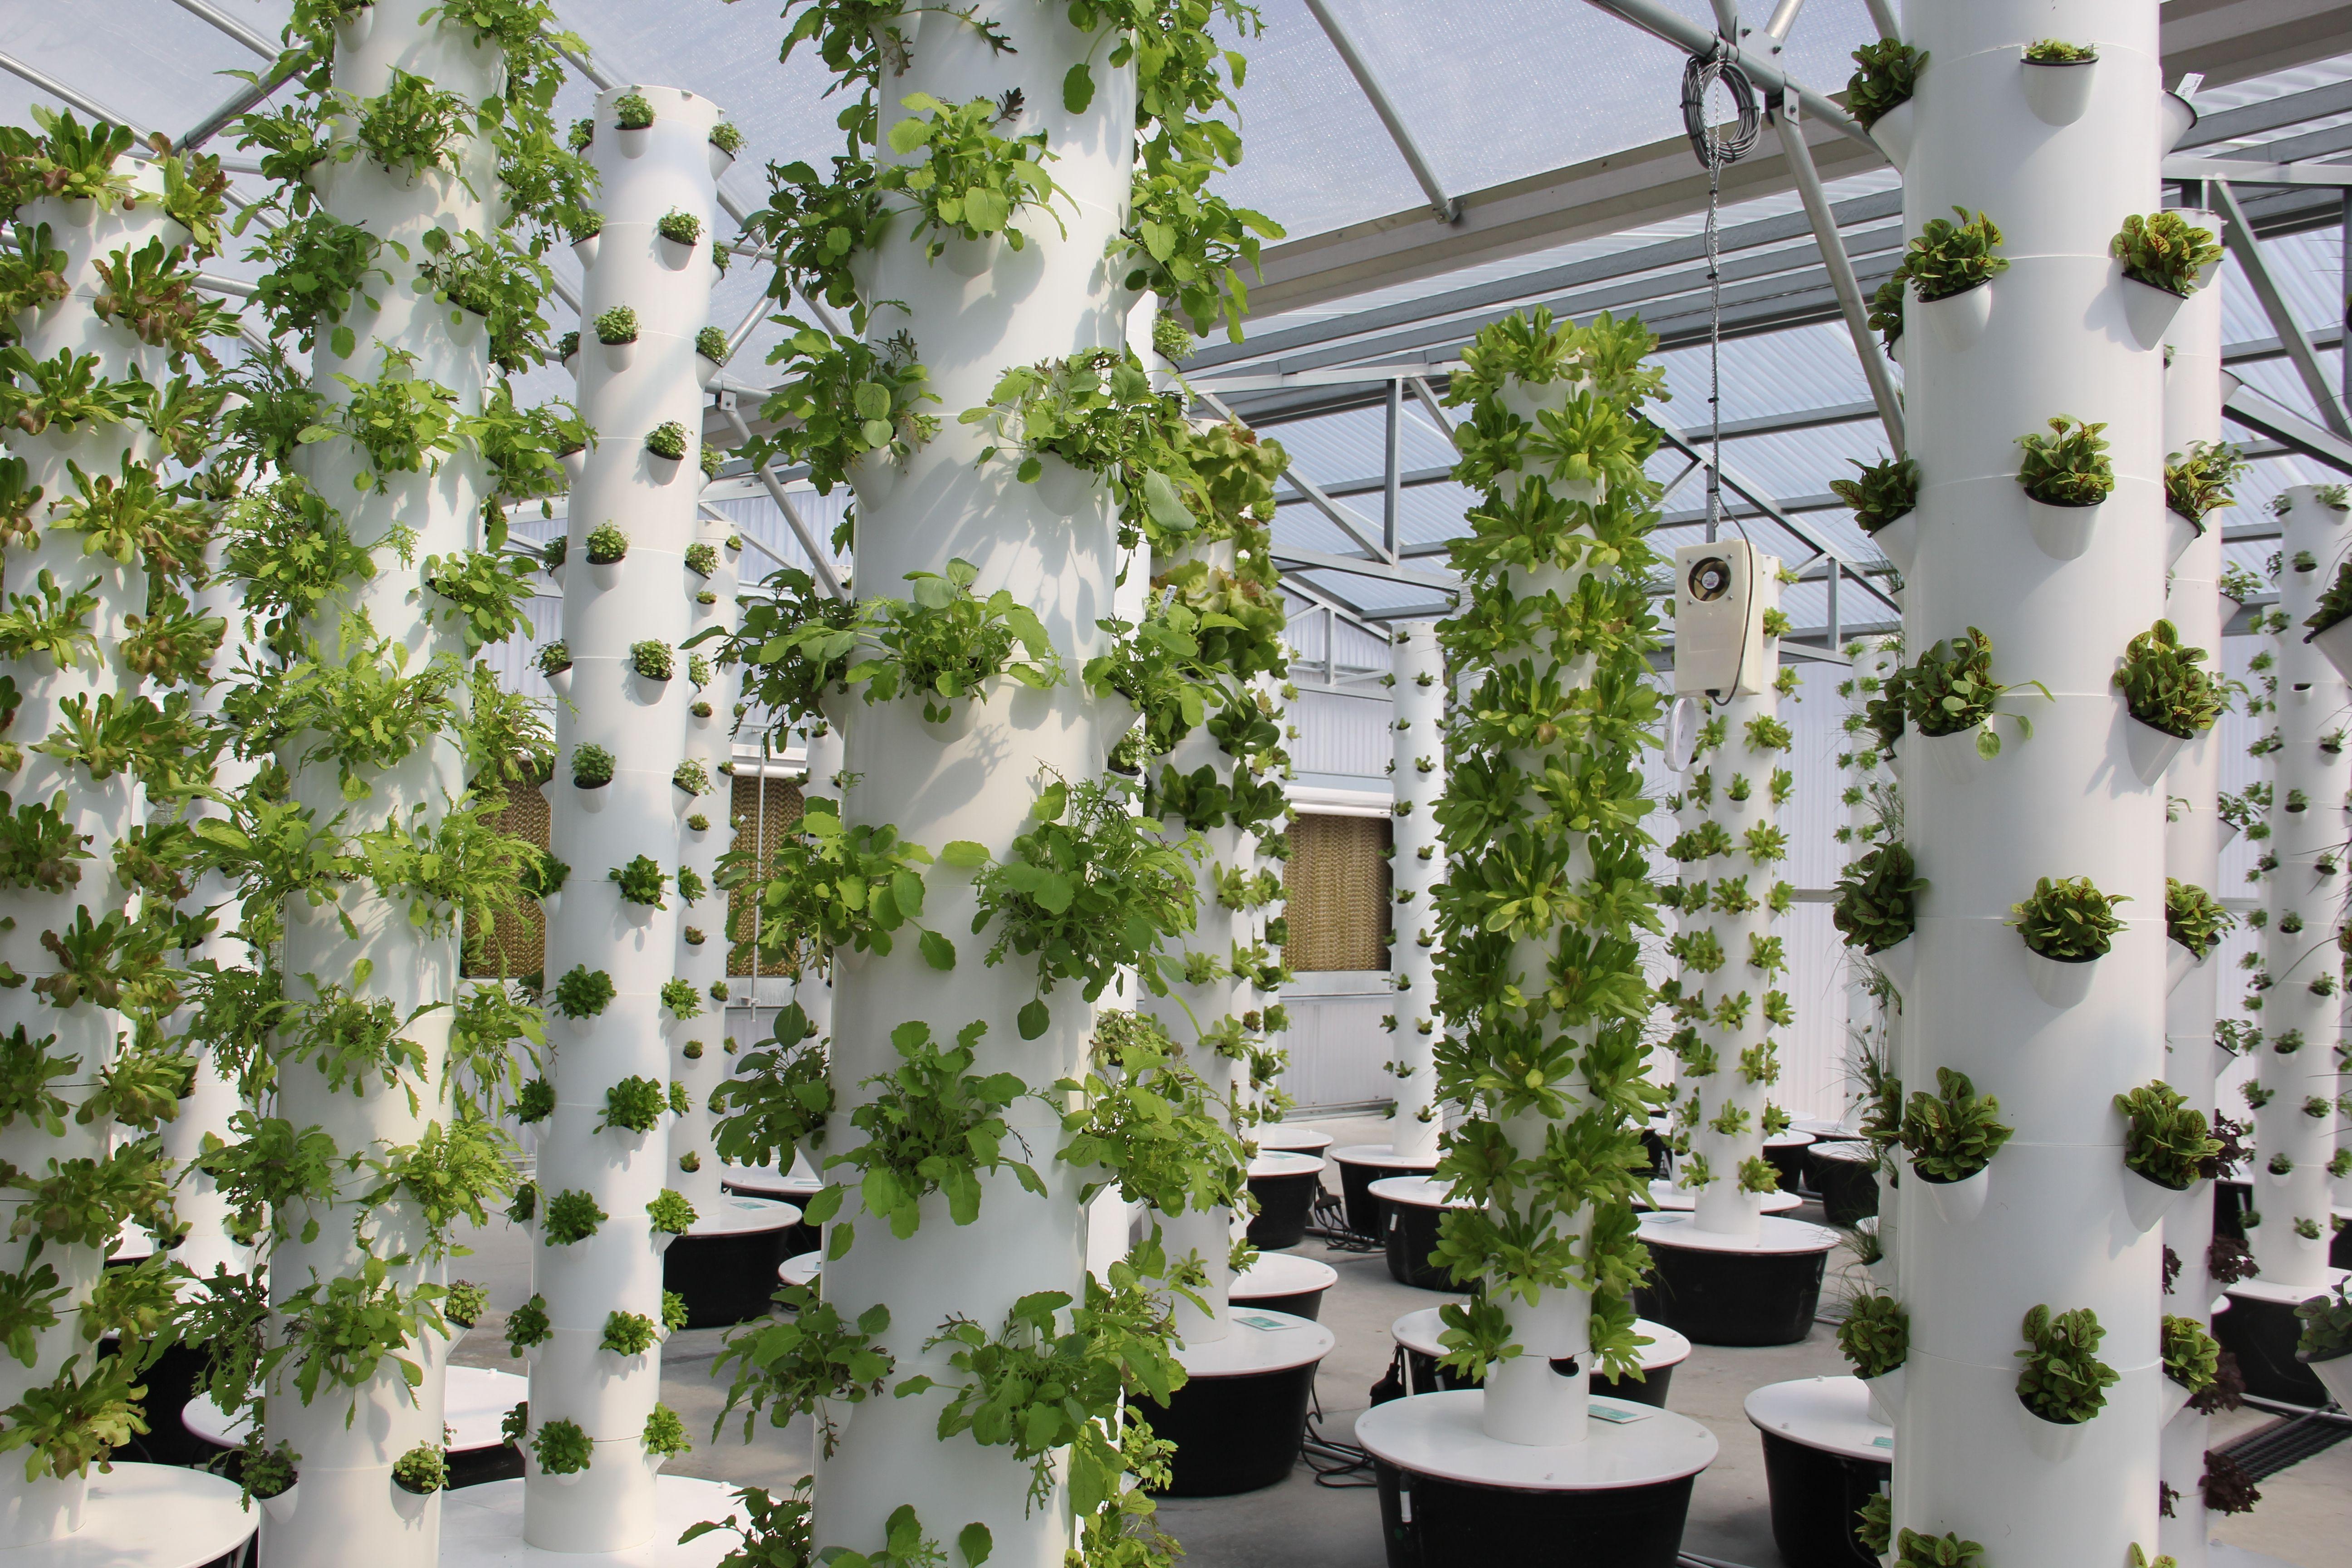 Aeroponic Garden Pyramid Gardening Organic Veggies